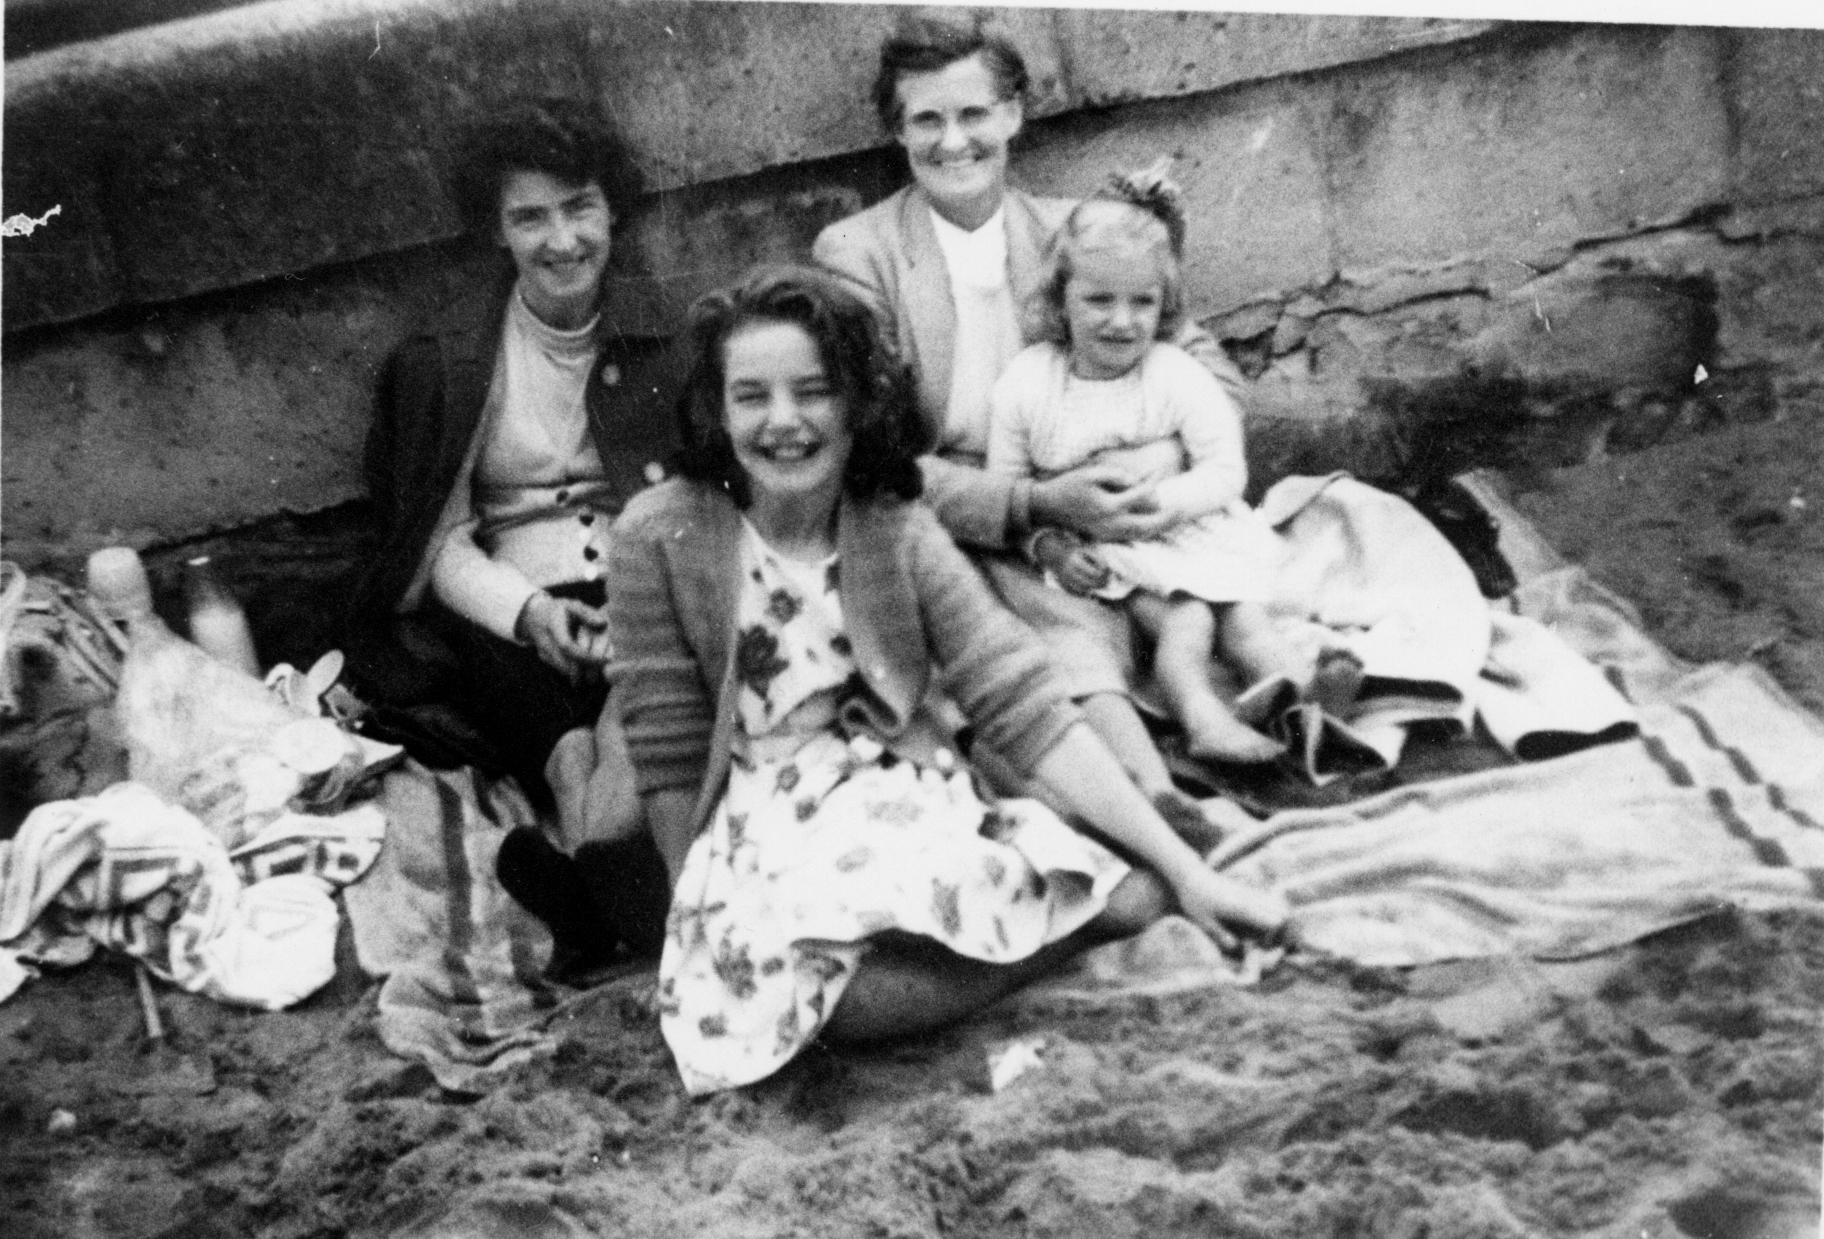 Family Picnic At Portobello Beach 1950s